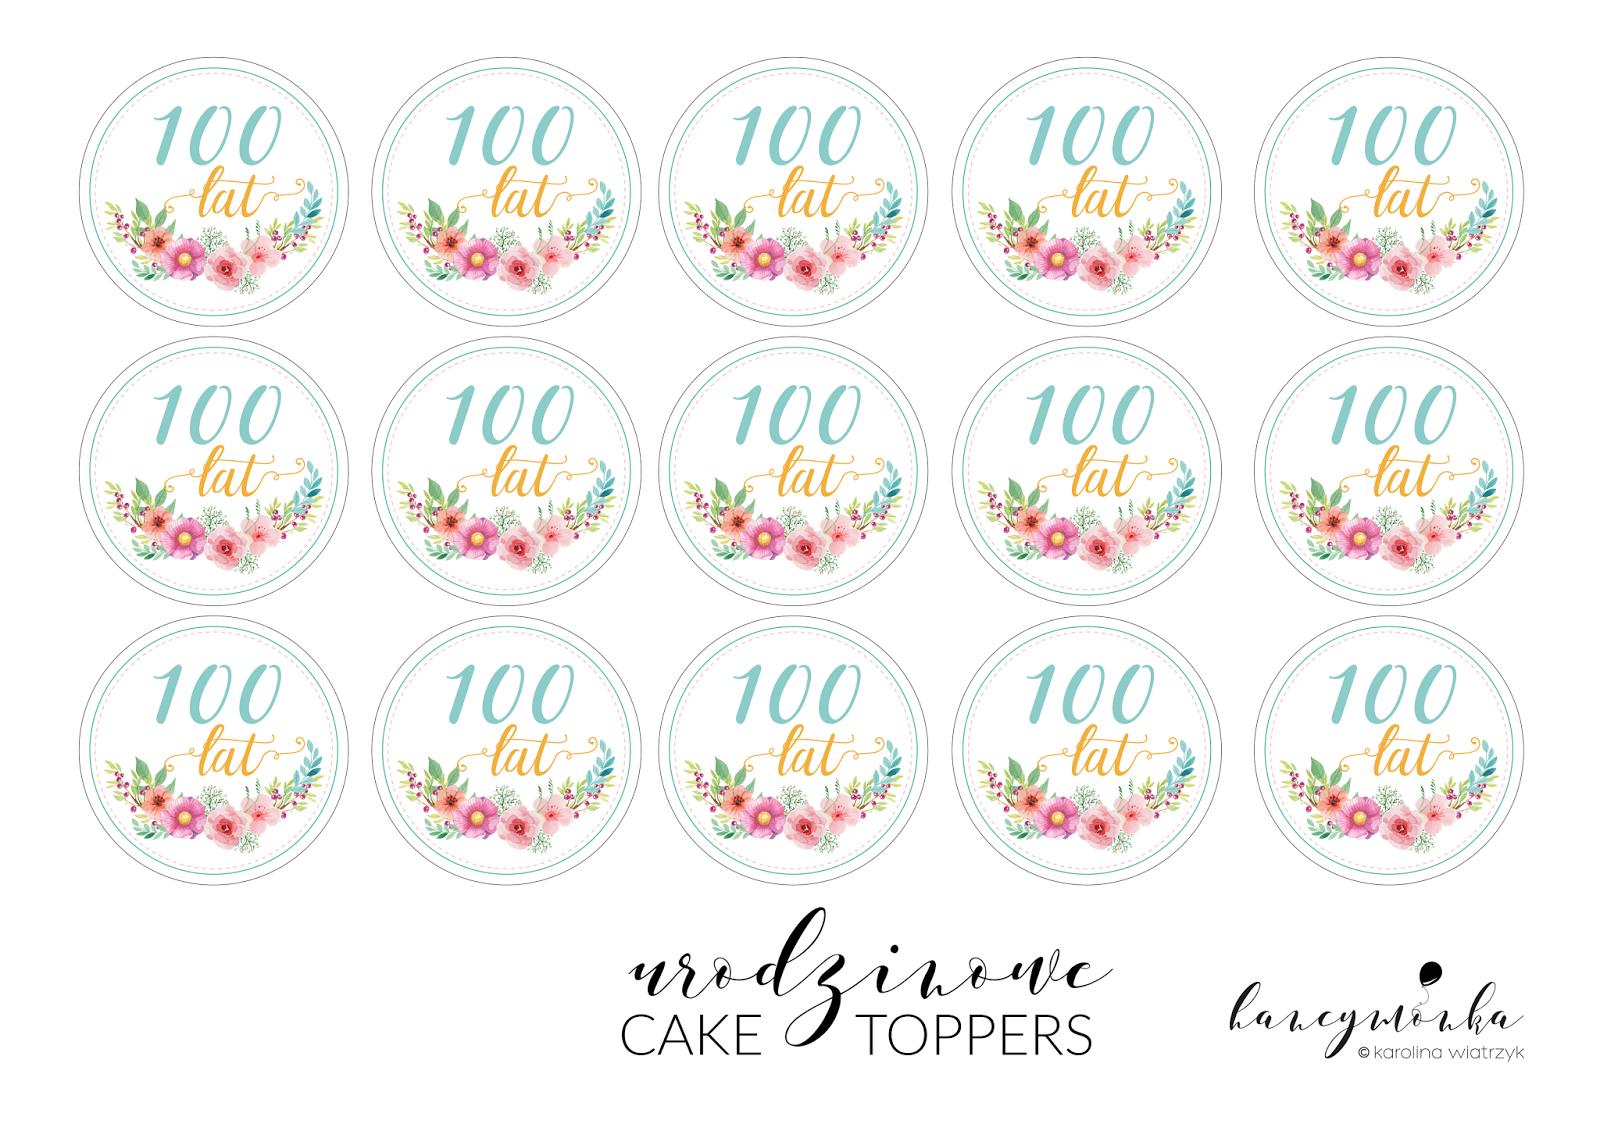 cake toppers, toppers, ciasto, tort, urodziny, birthday, birthdayparty, birthdaydecor, dwa latka, dwulatek, dekoracje, birthday cake, hancymonka, flowers, birthdaygirl, inspiracje, urodzinki, diy